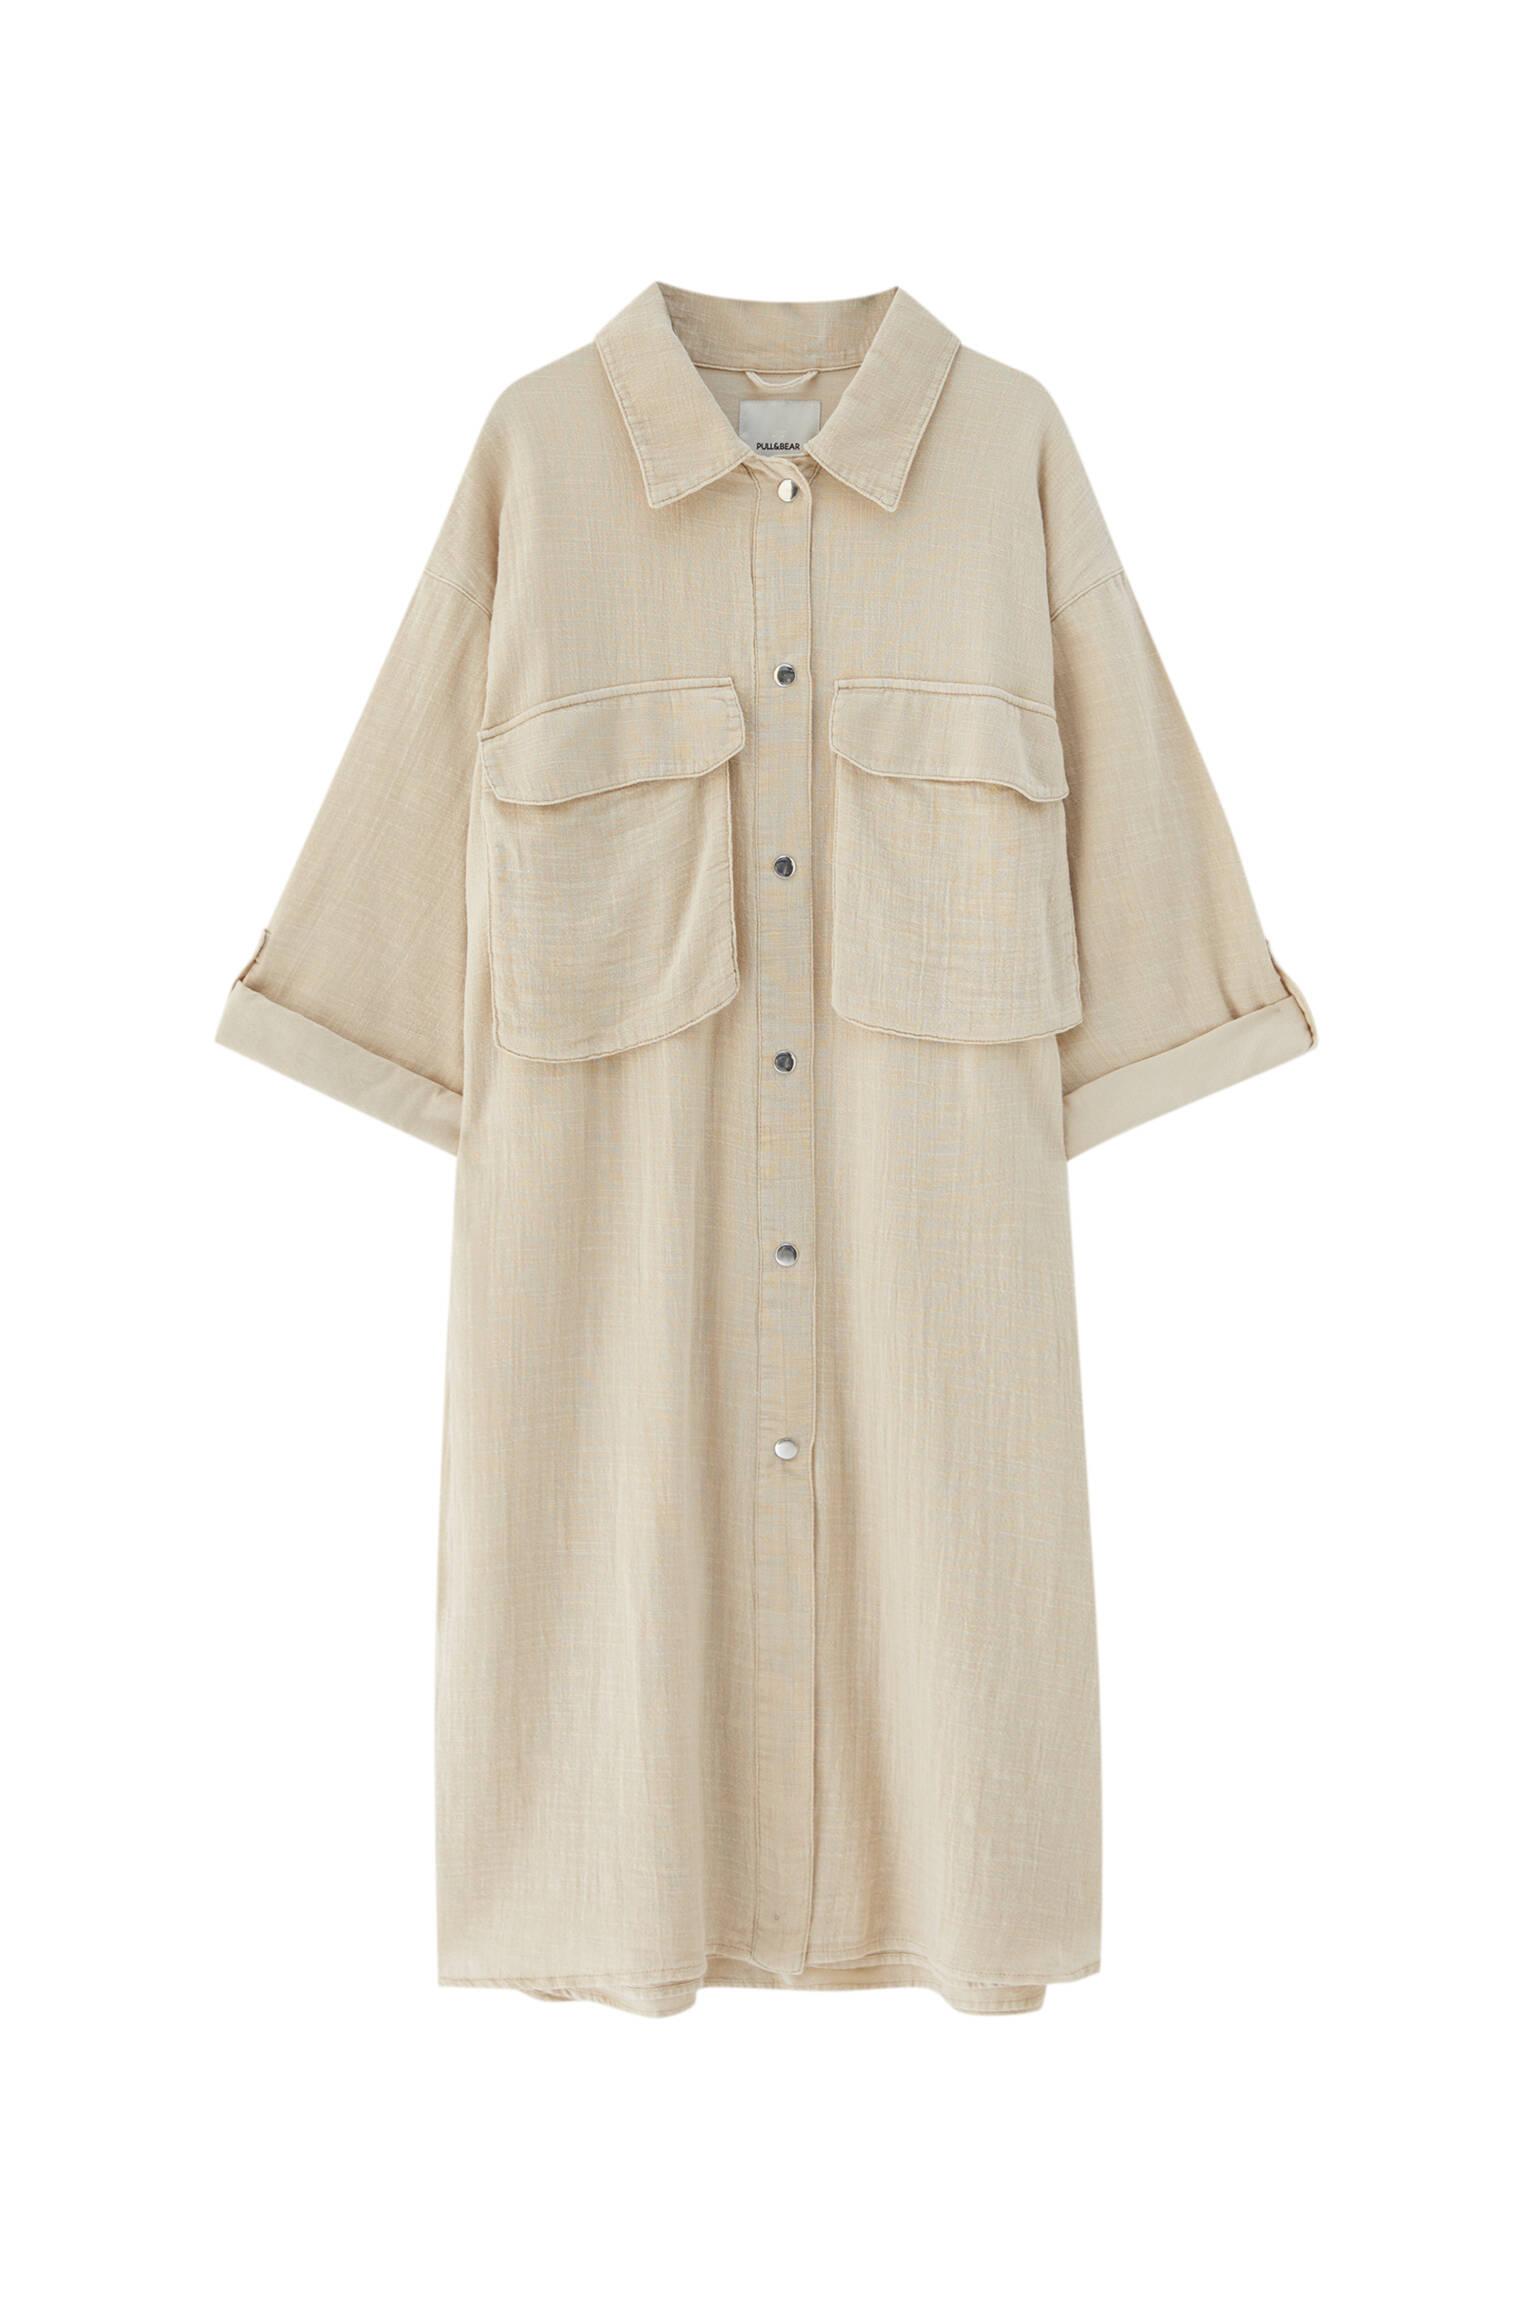 ЭКРЮ Удлиненная куртка-рубашка в стиле рустик Pull & Bear